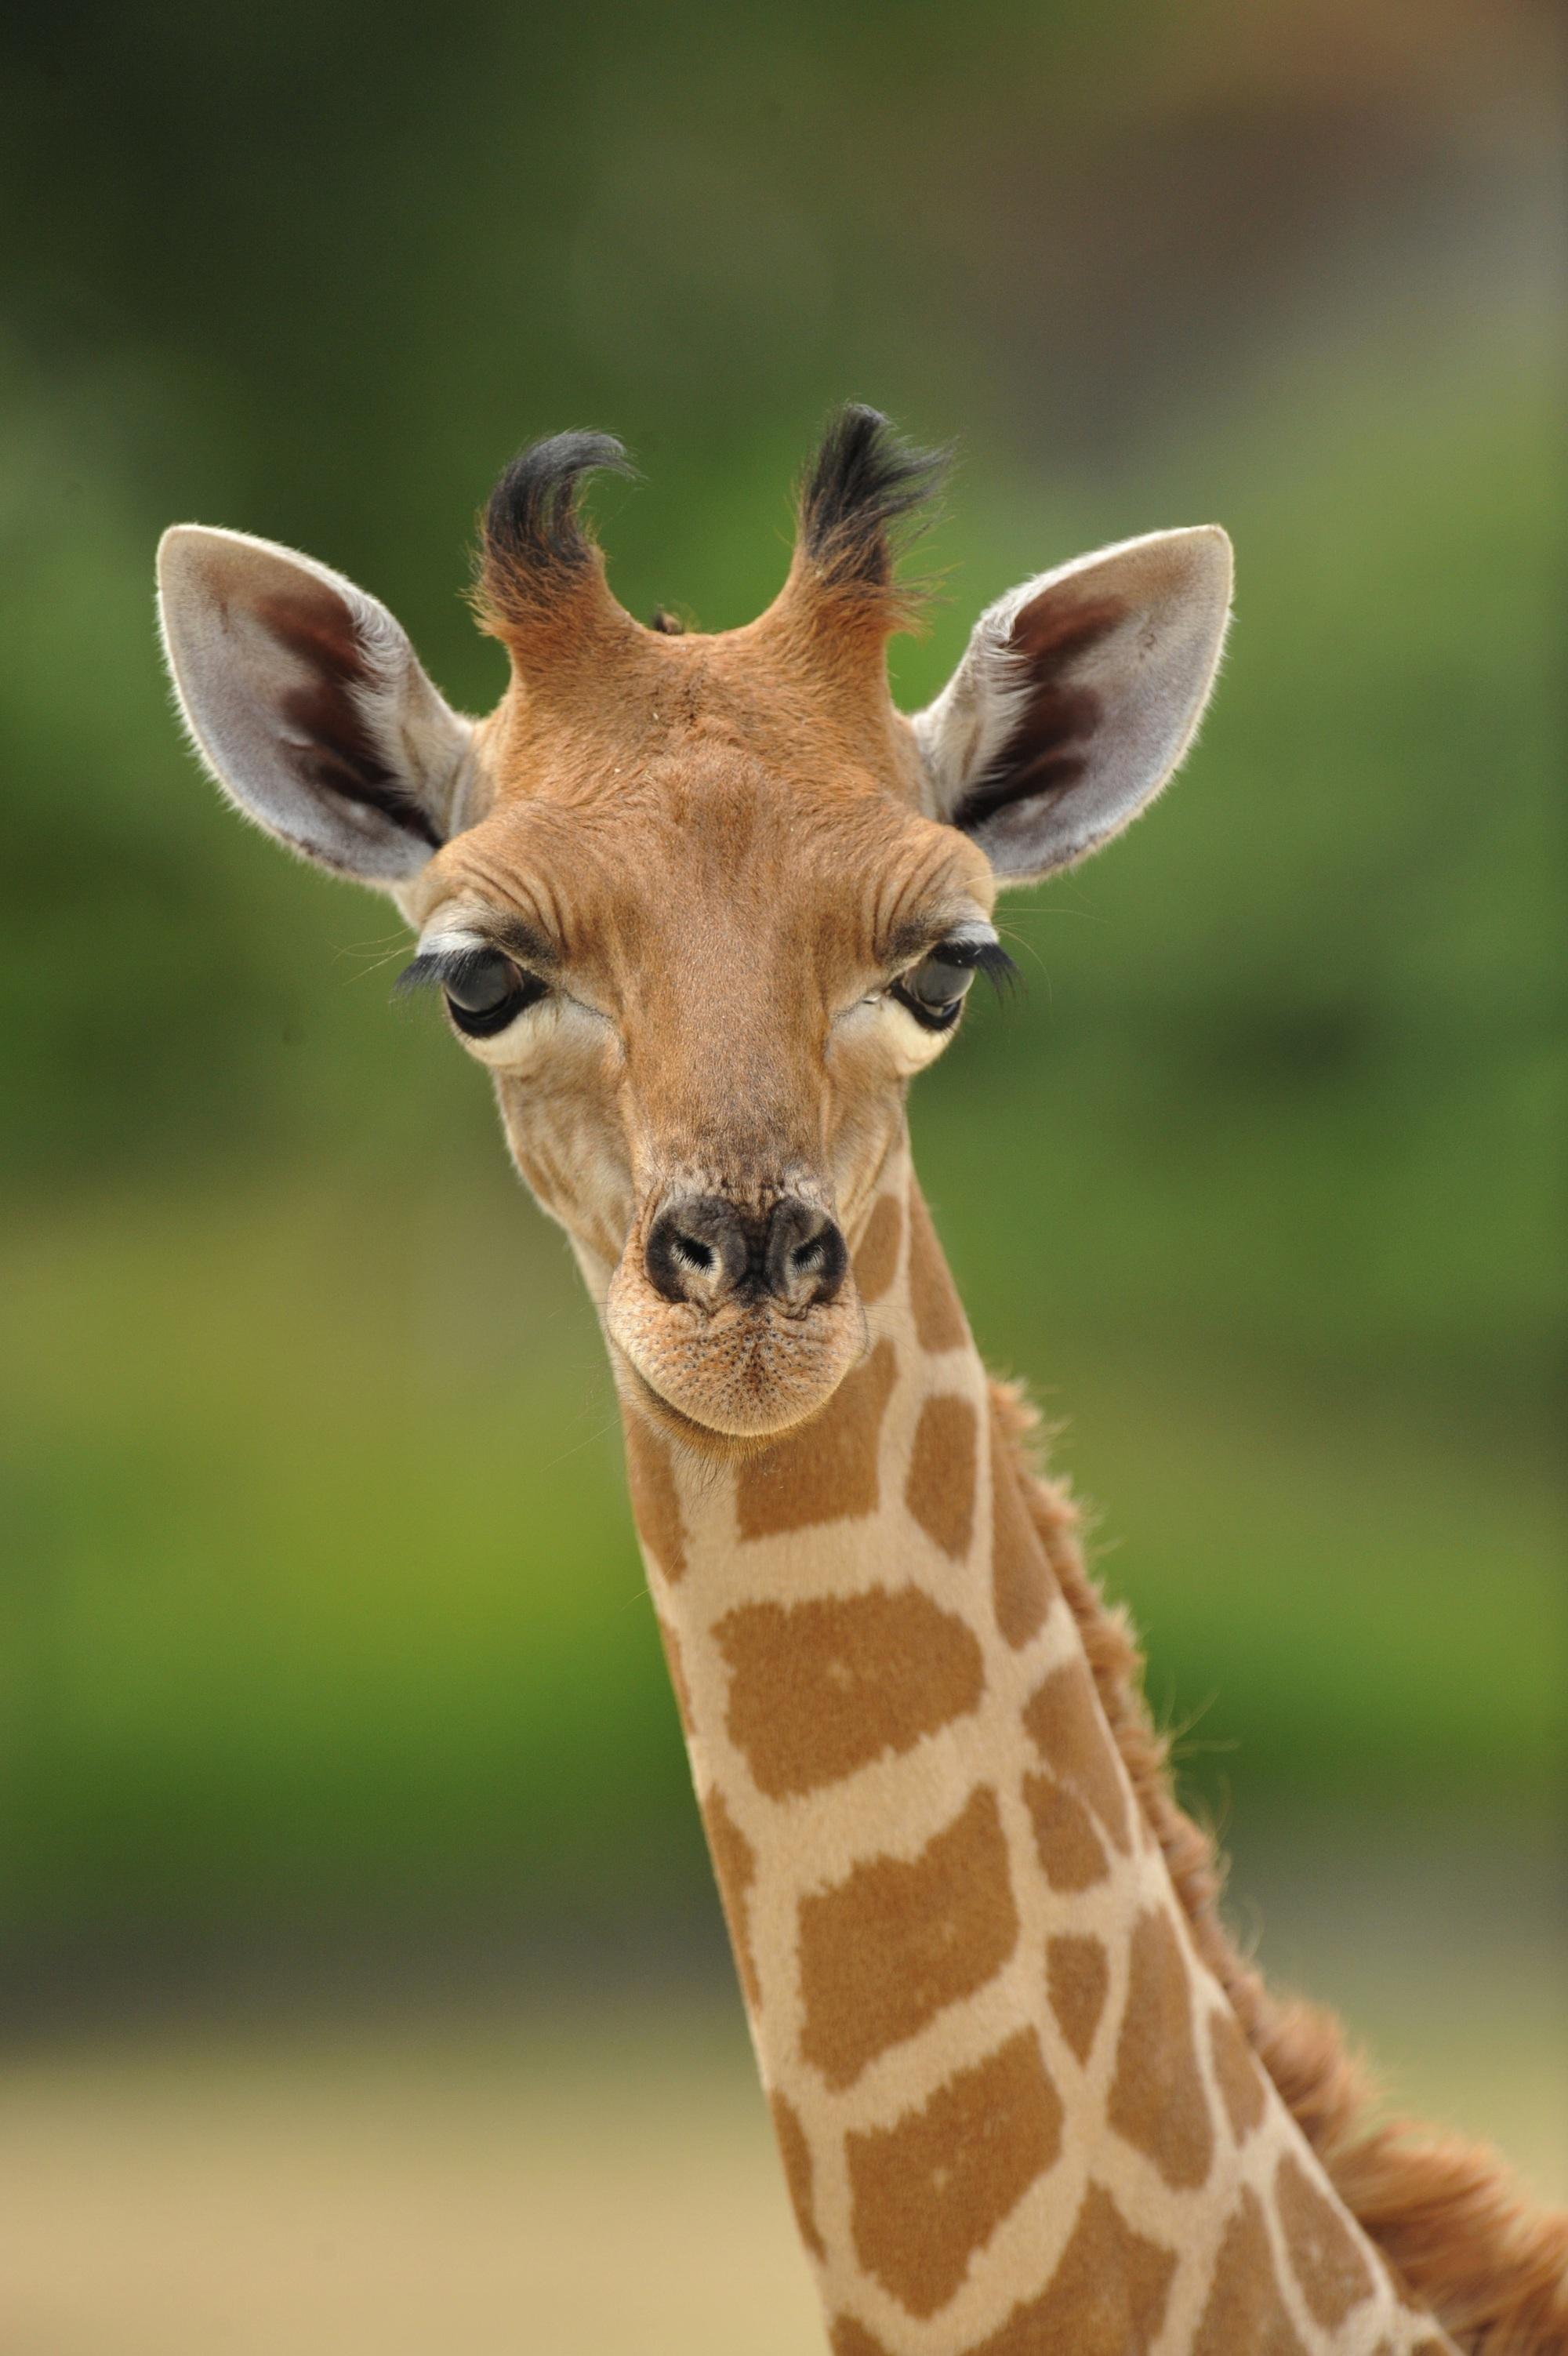 Girafe-d-Afrique-de-l-Ouest-0441—F-G-Grandin